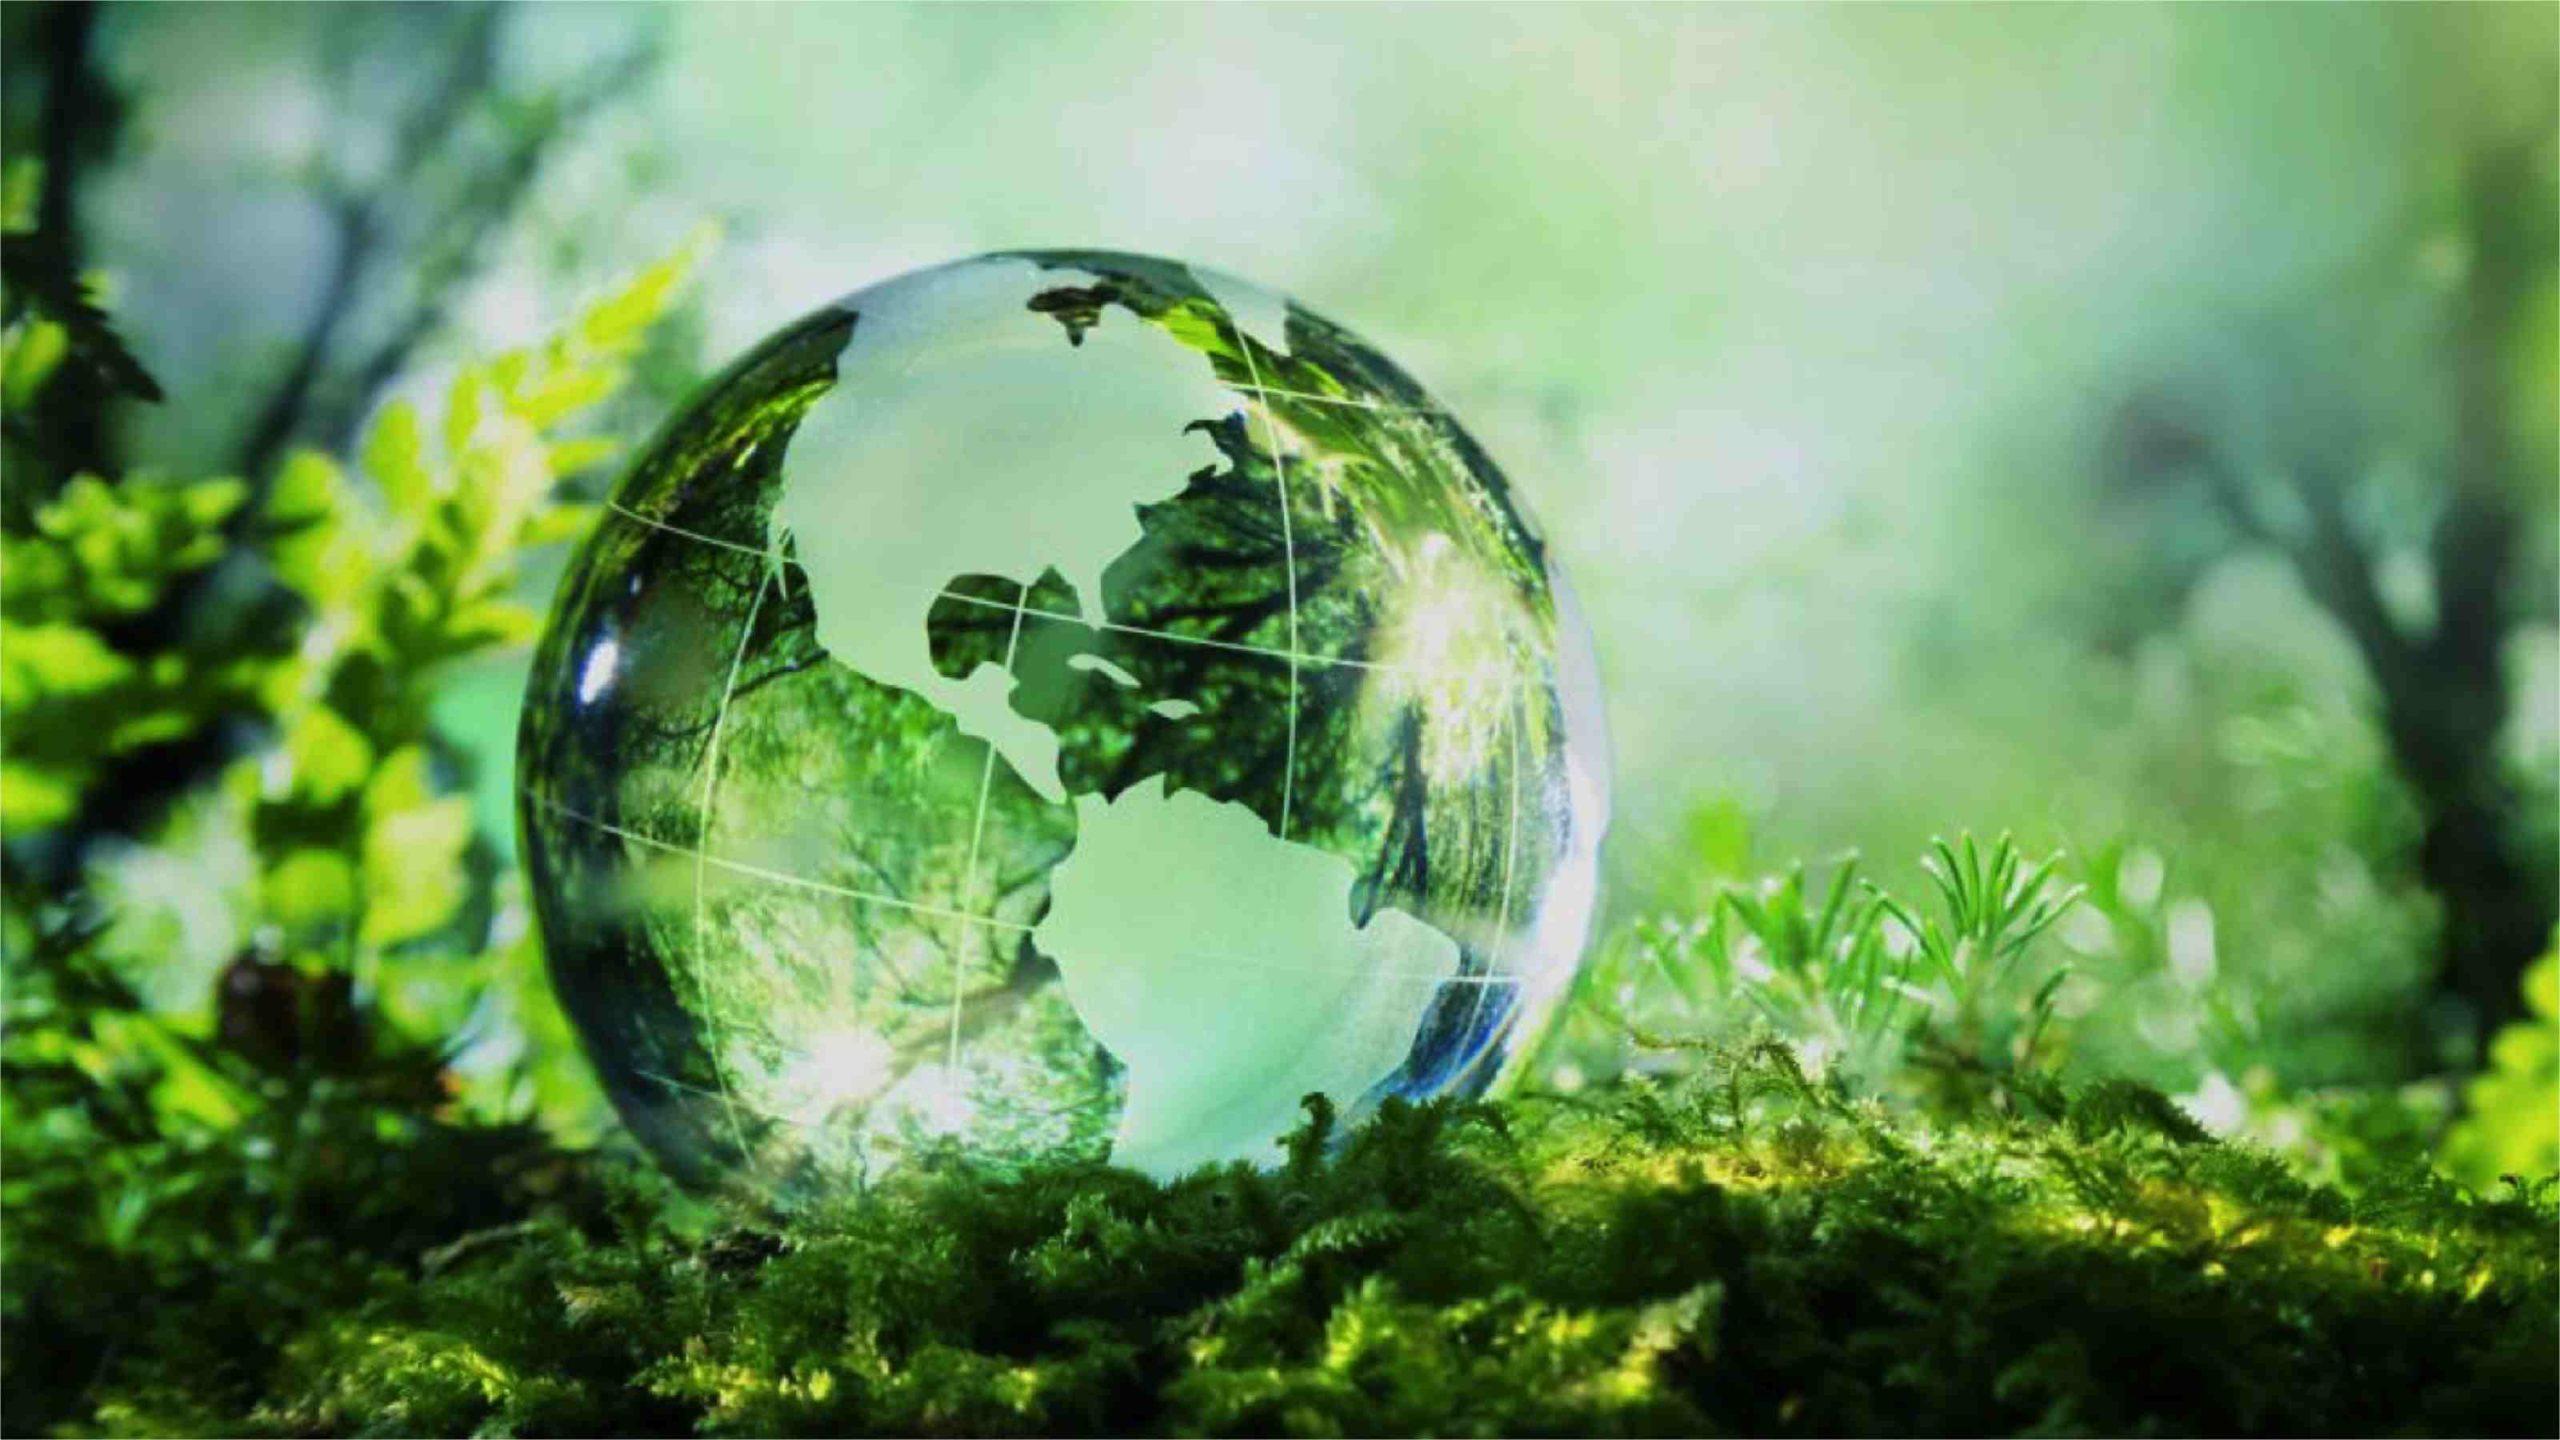 Travaux de transition écologique : où trouver le financement adéquat ?